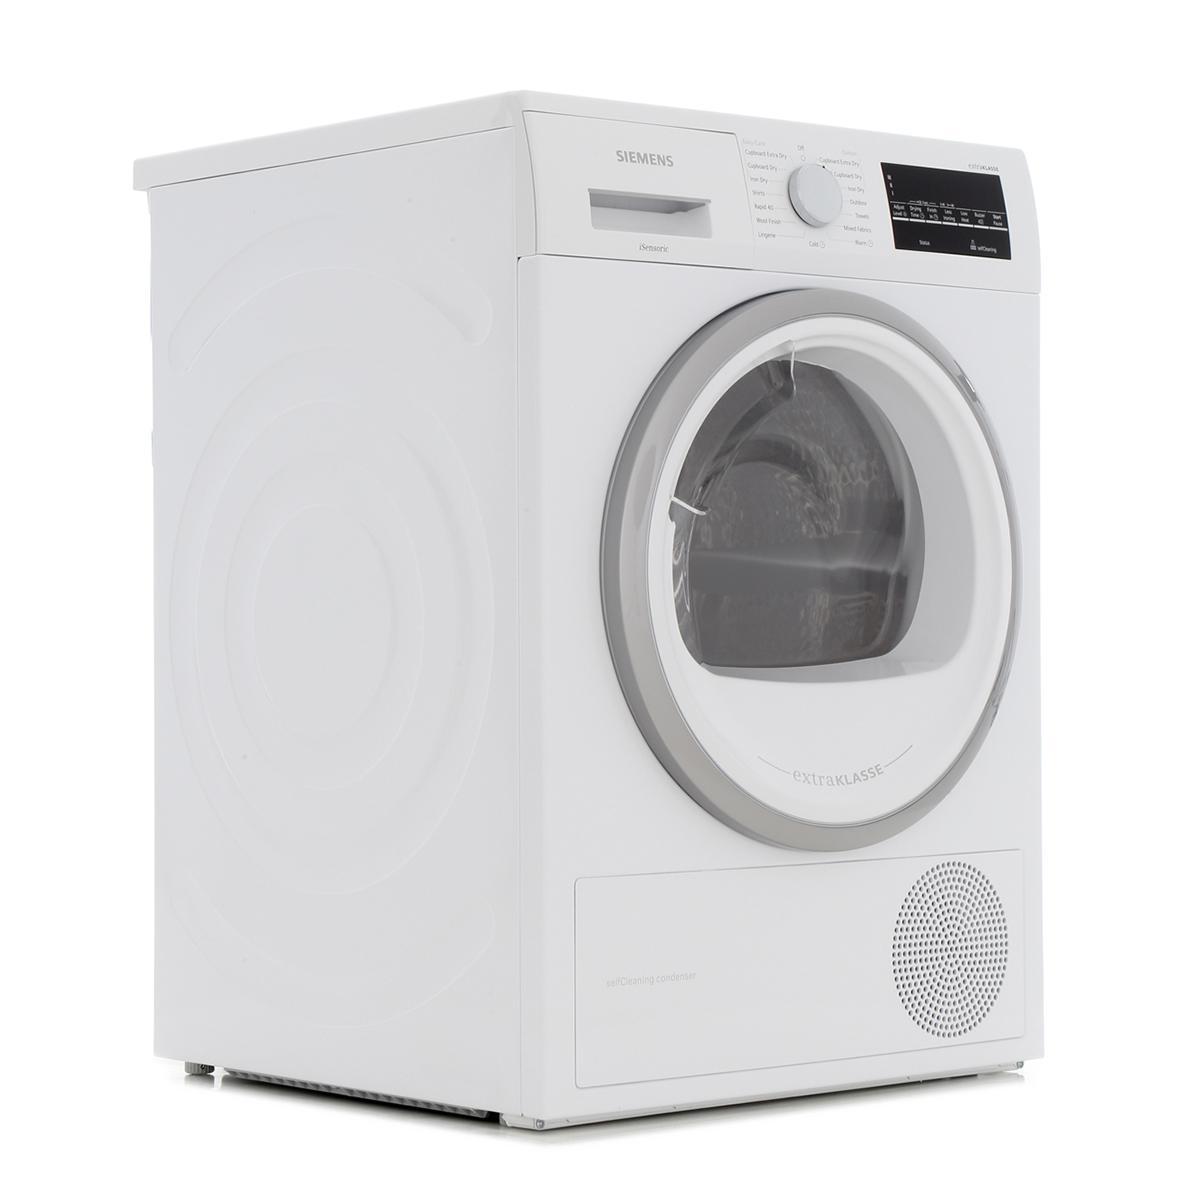 Siemens WT46W491GB Condenser Dryer with Heat Pump Technology